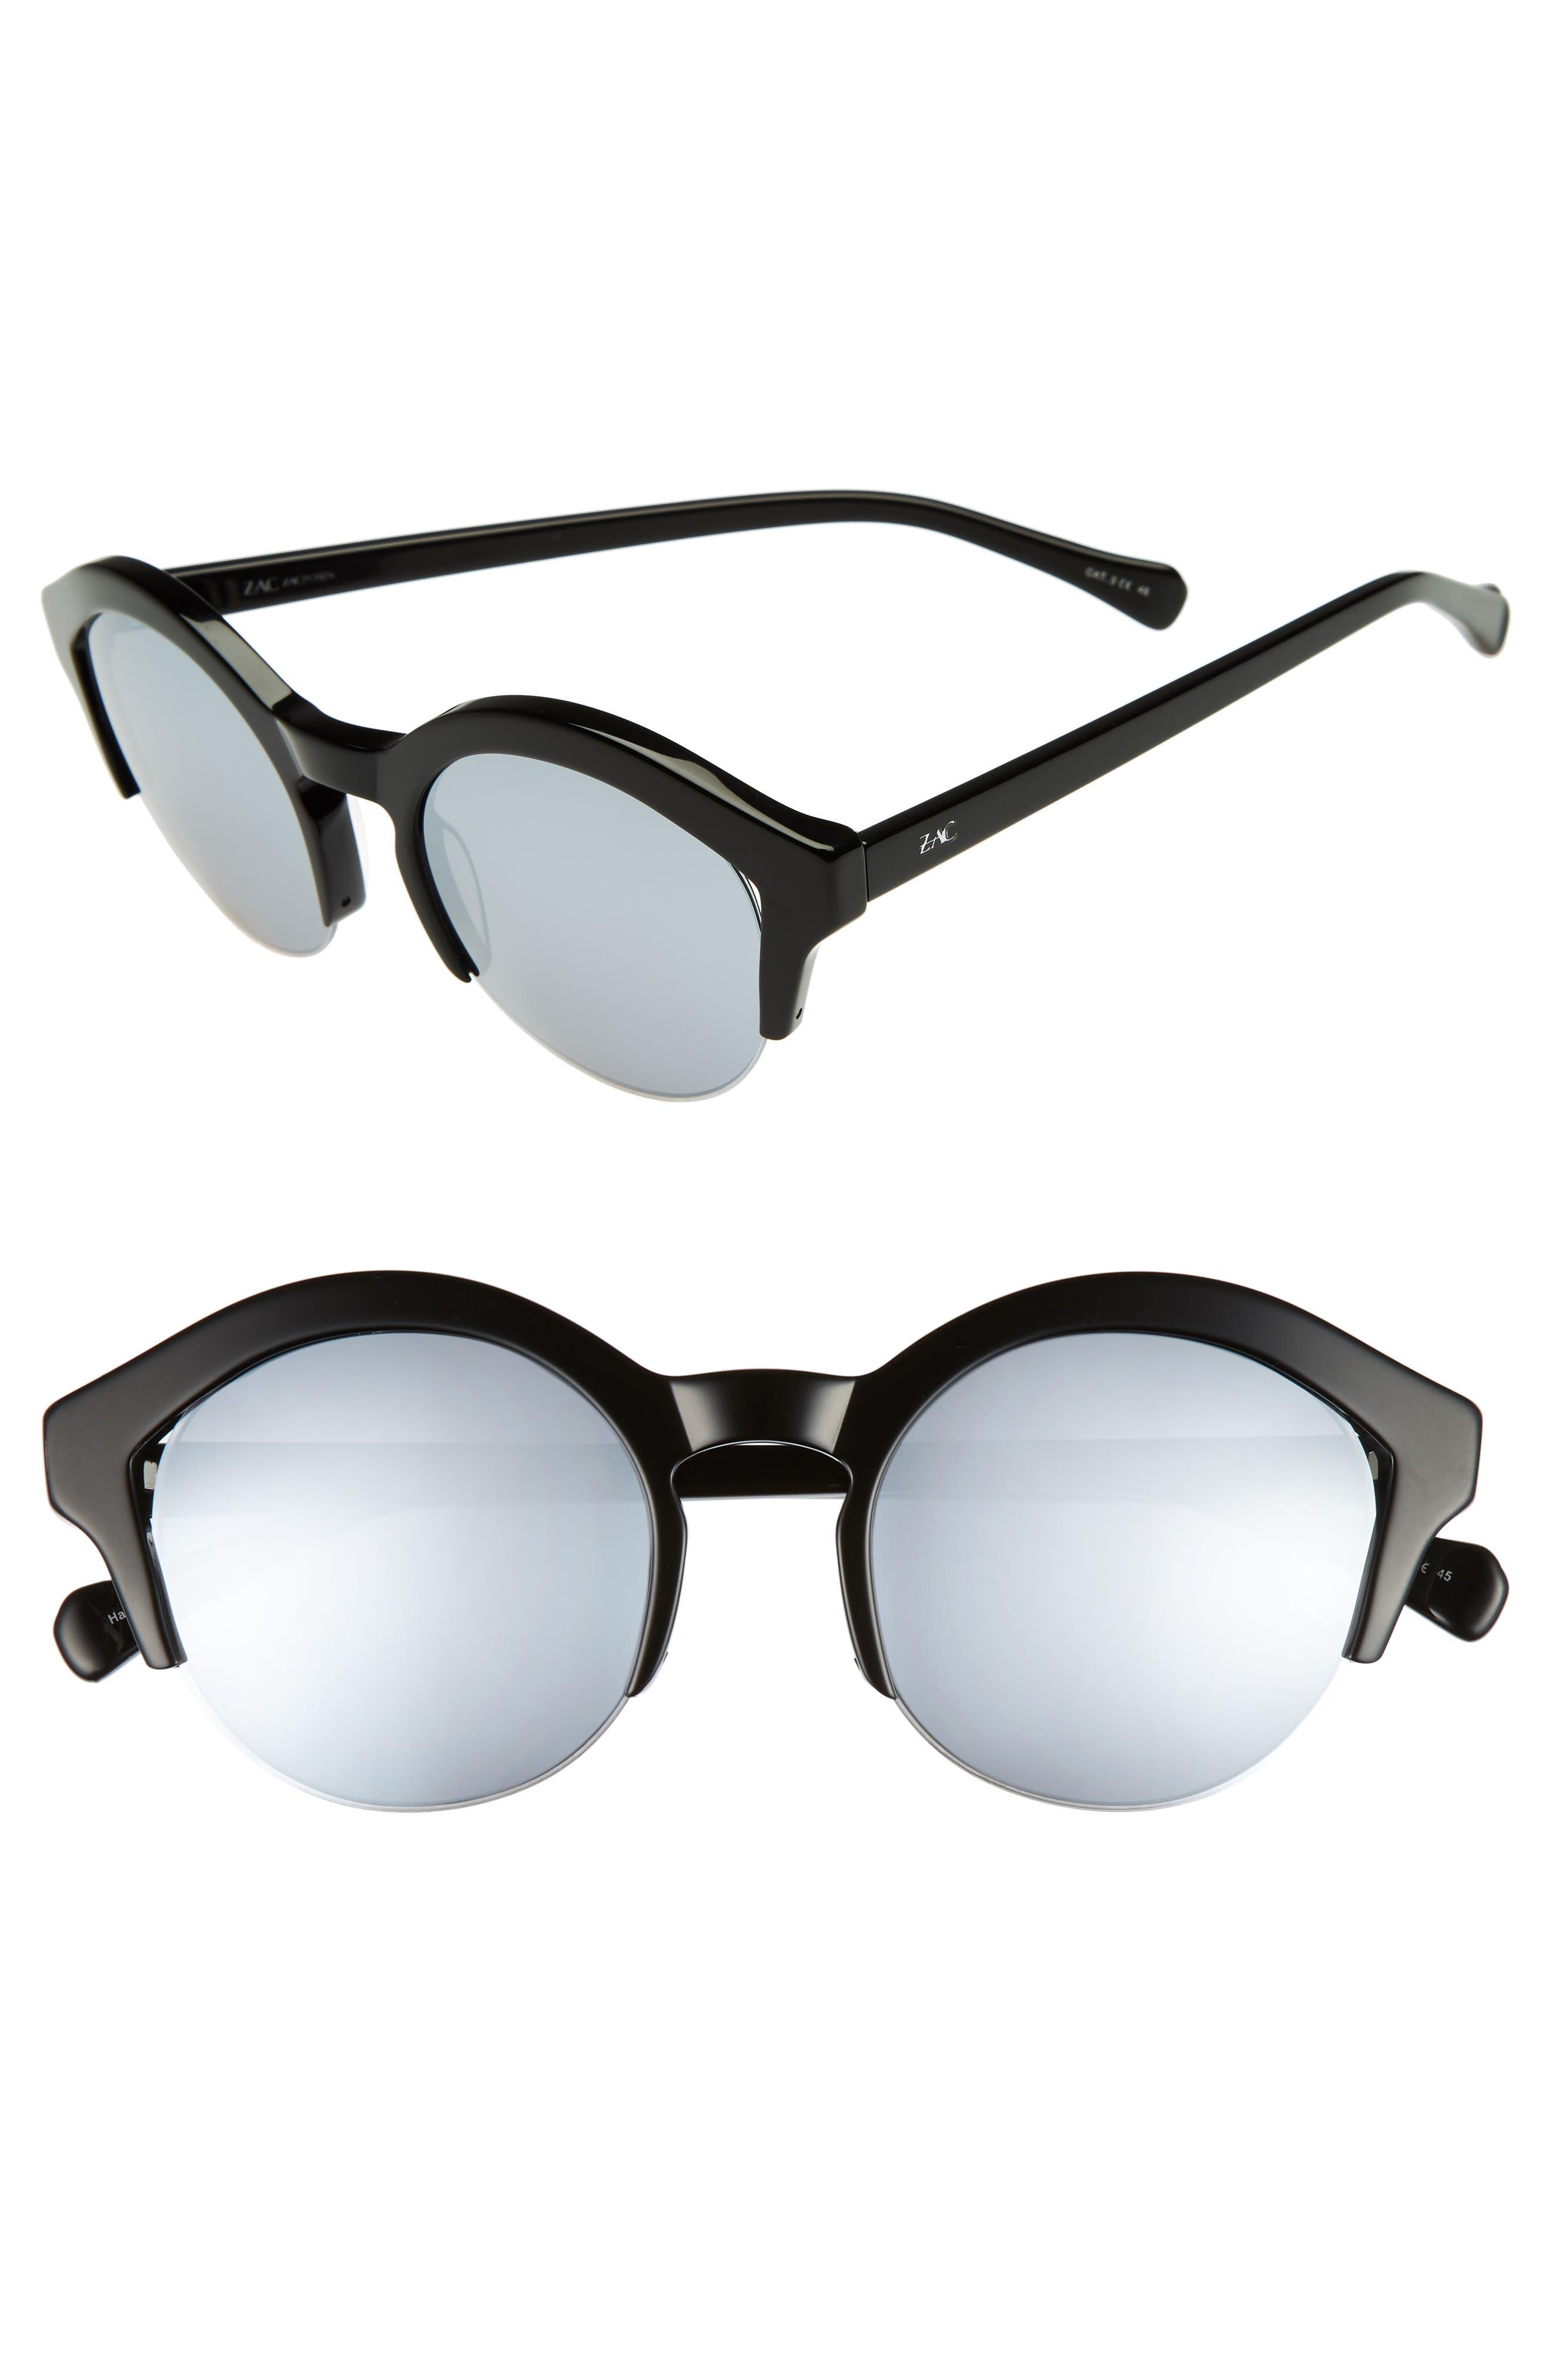 Bren 51mm Half-Rim Sunglasses,                         Main,                         color, BLACK/ SILVER